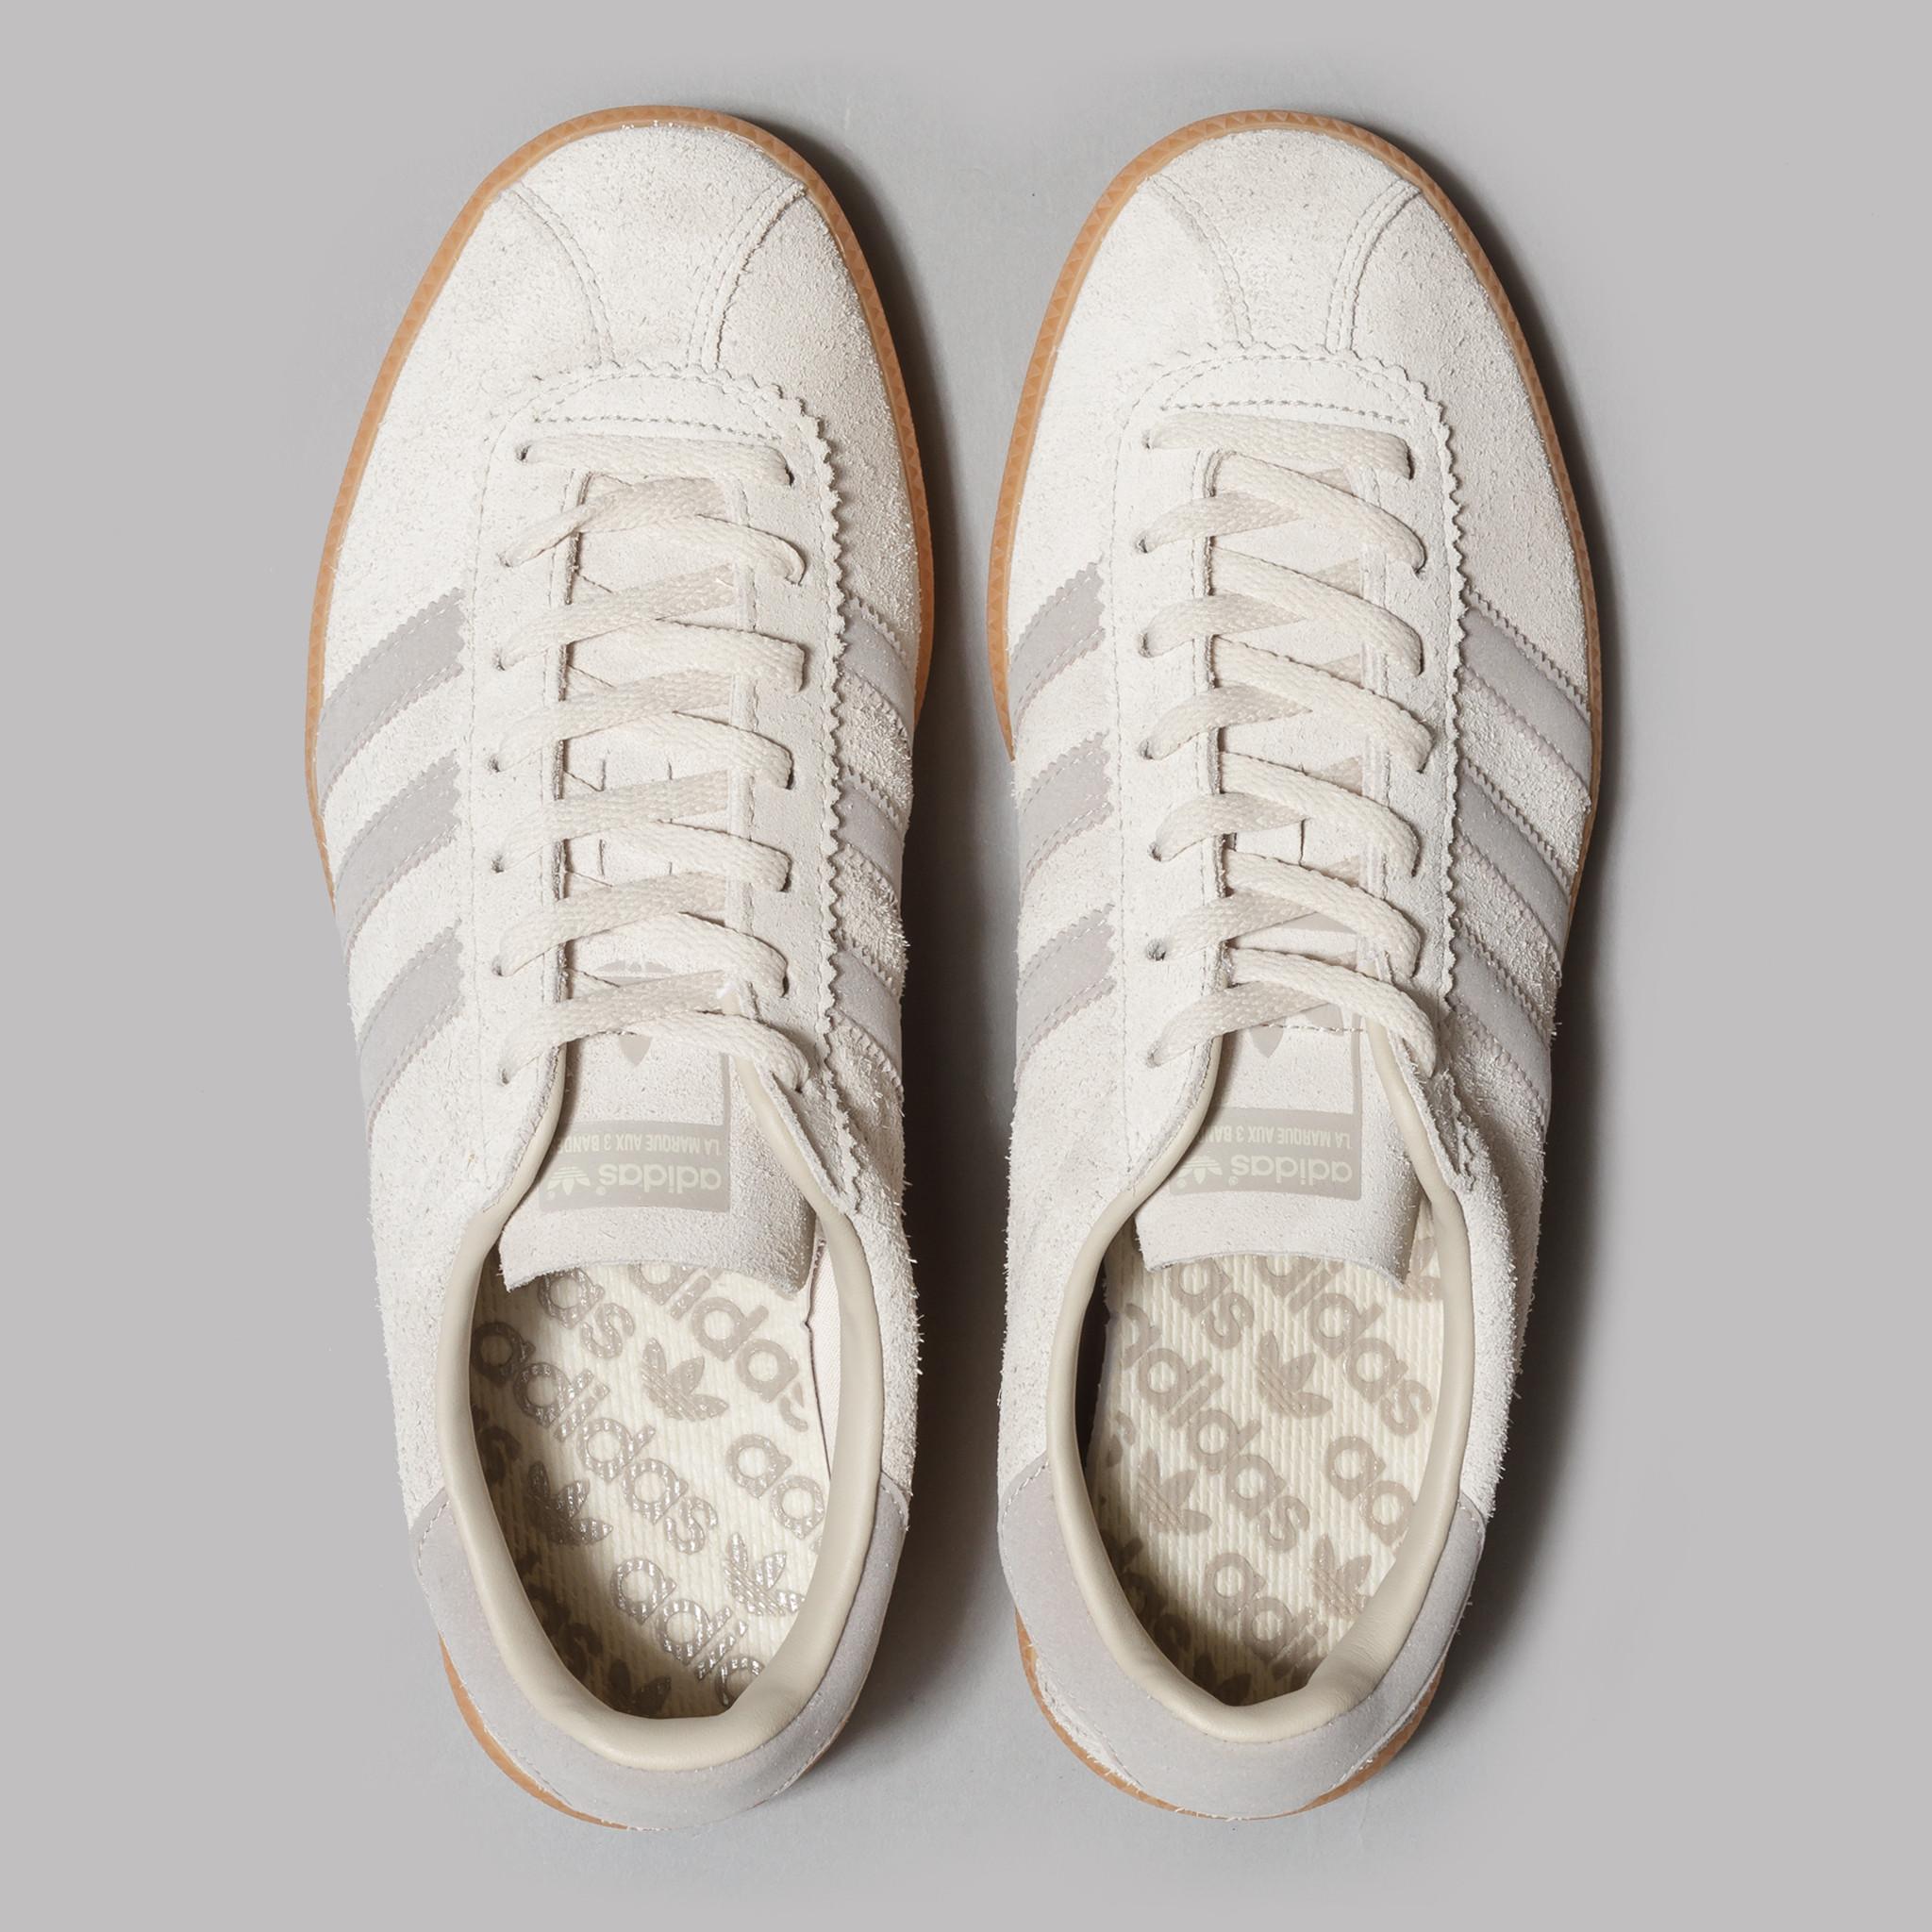 adidas-010217-03-00